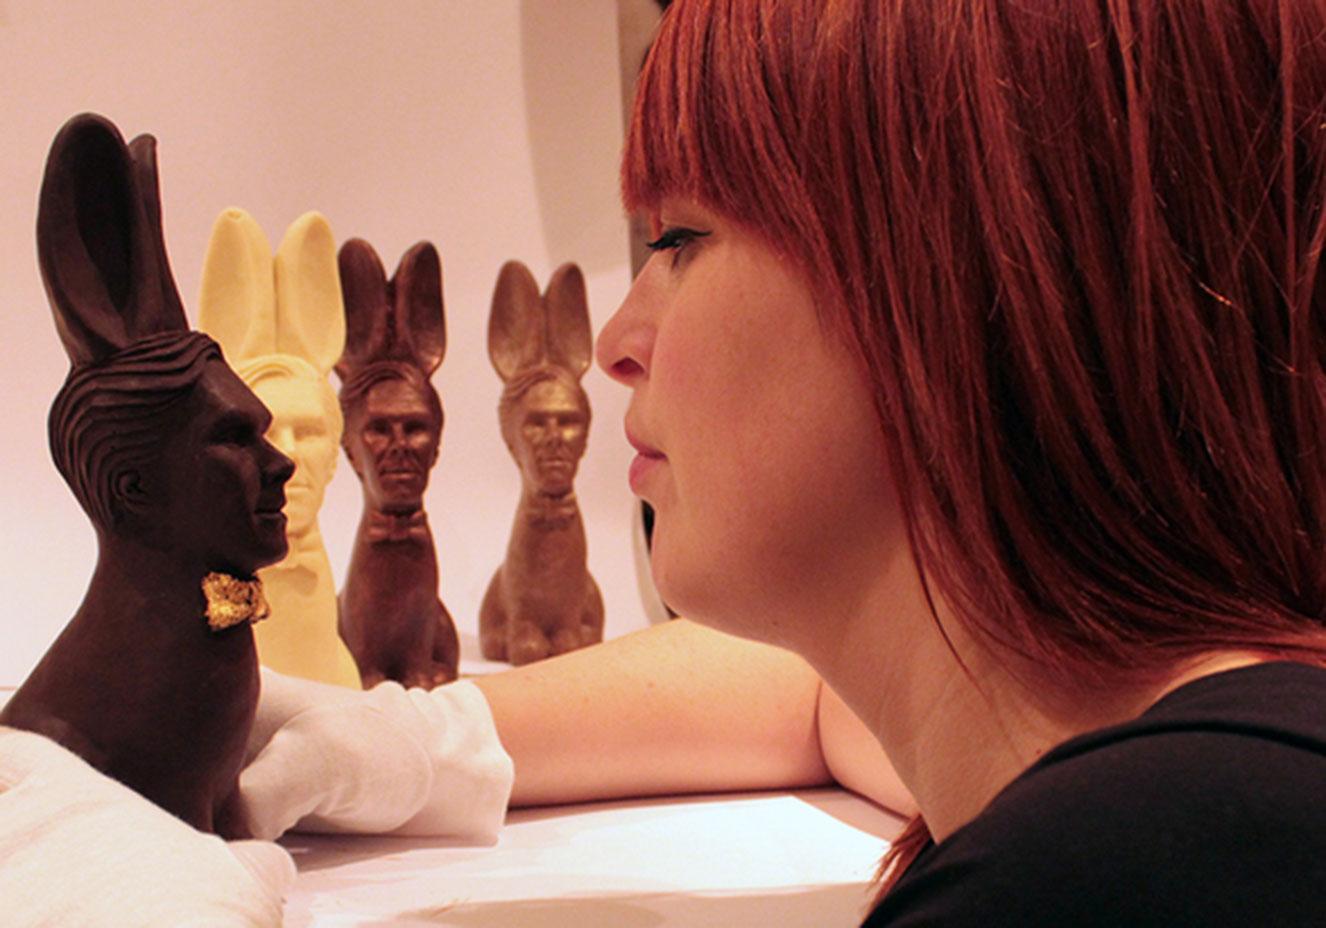 Brandnewbadidea.com/The Chocolatician